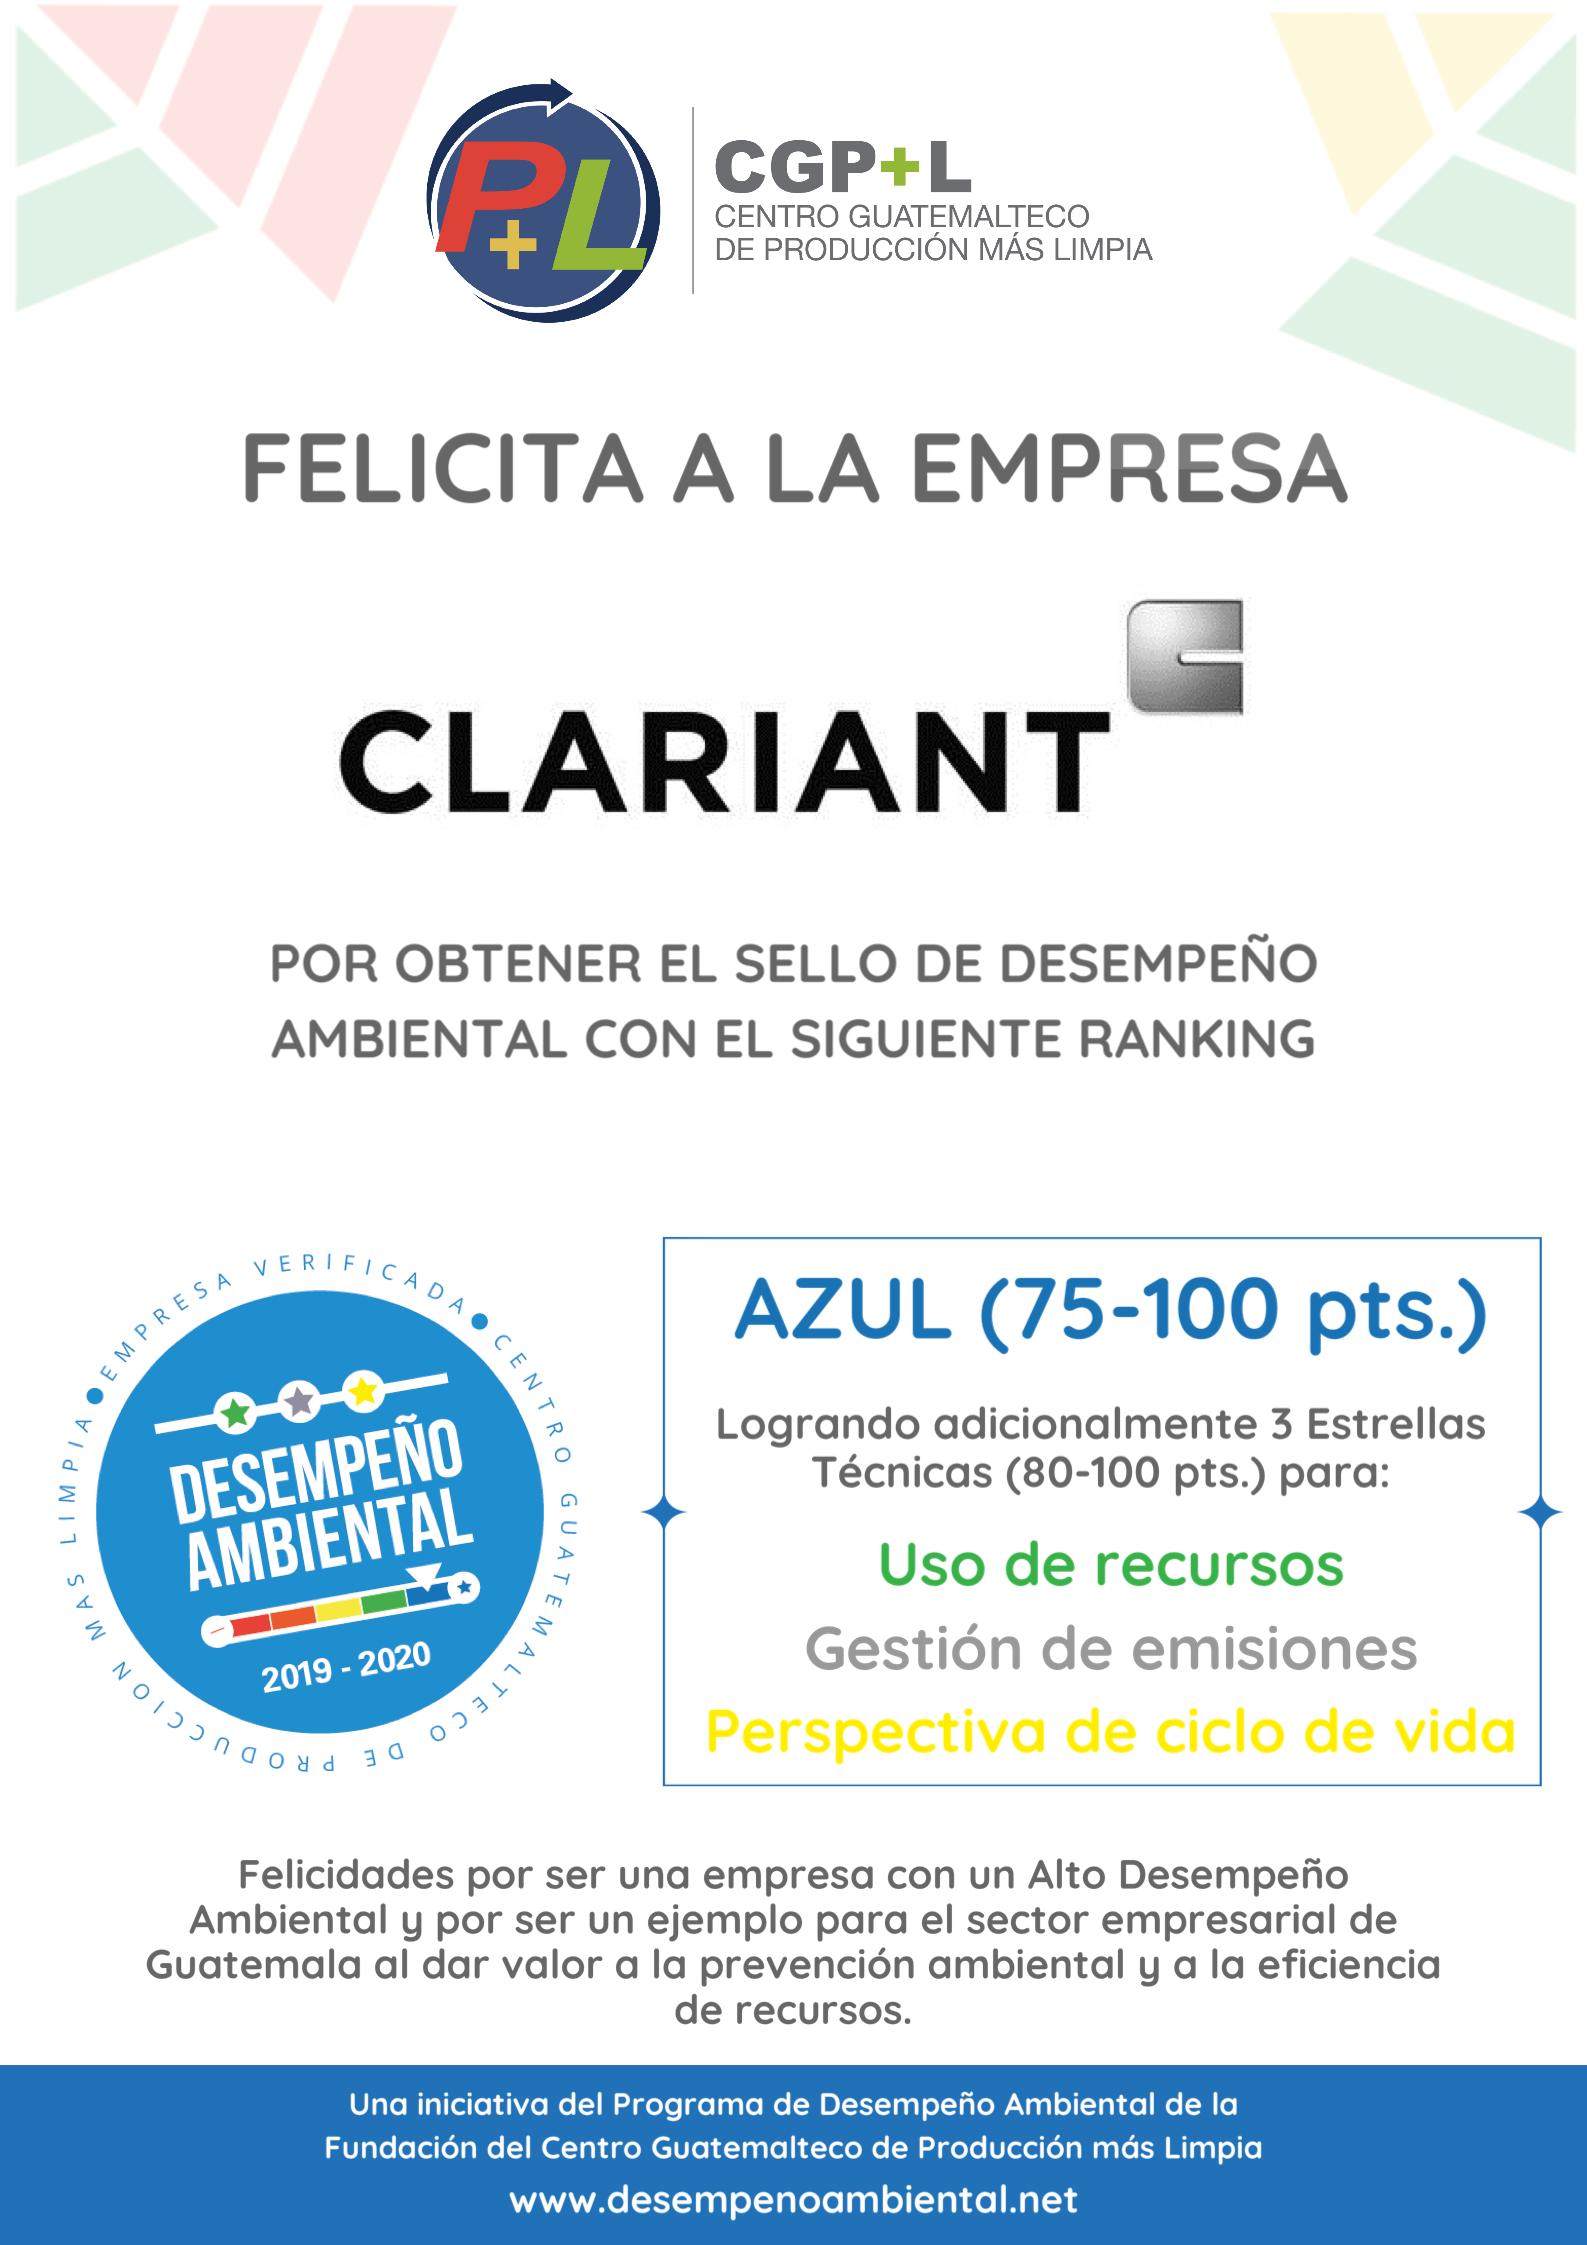 Clariant Ha Obtenido El Sello De Desempeño Ambiental, ¡felicidades!